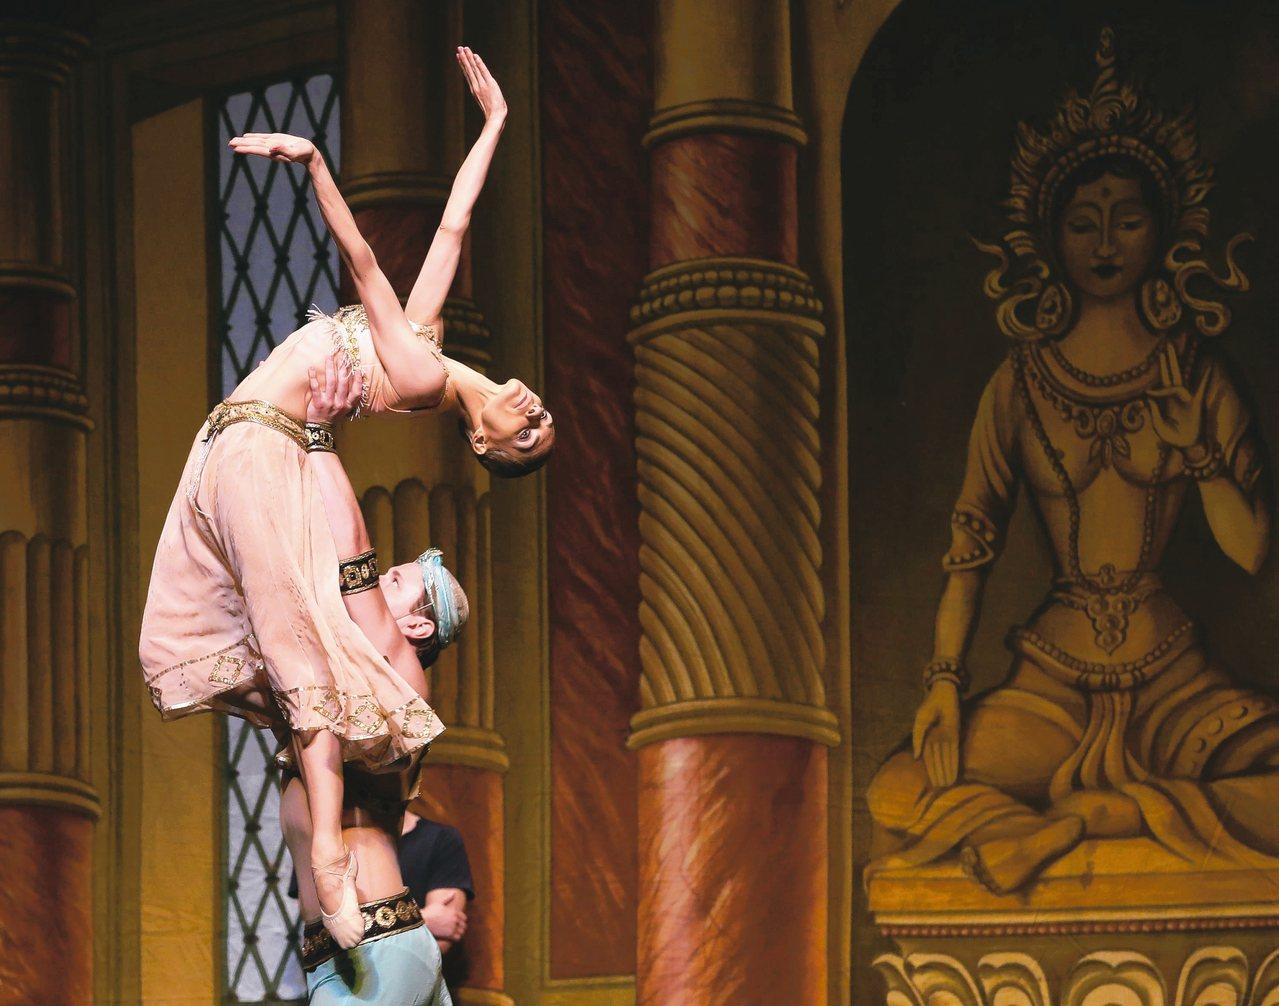 聖彼得堡芭蕾舞團昨在台北演出「舞姬」。圖為演出前彩排。 記者林澔一/攝影